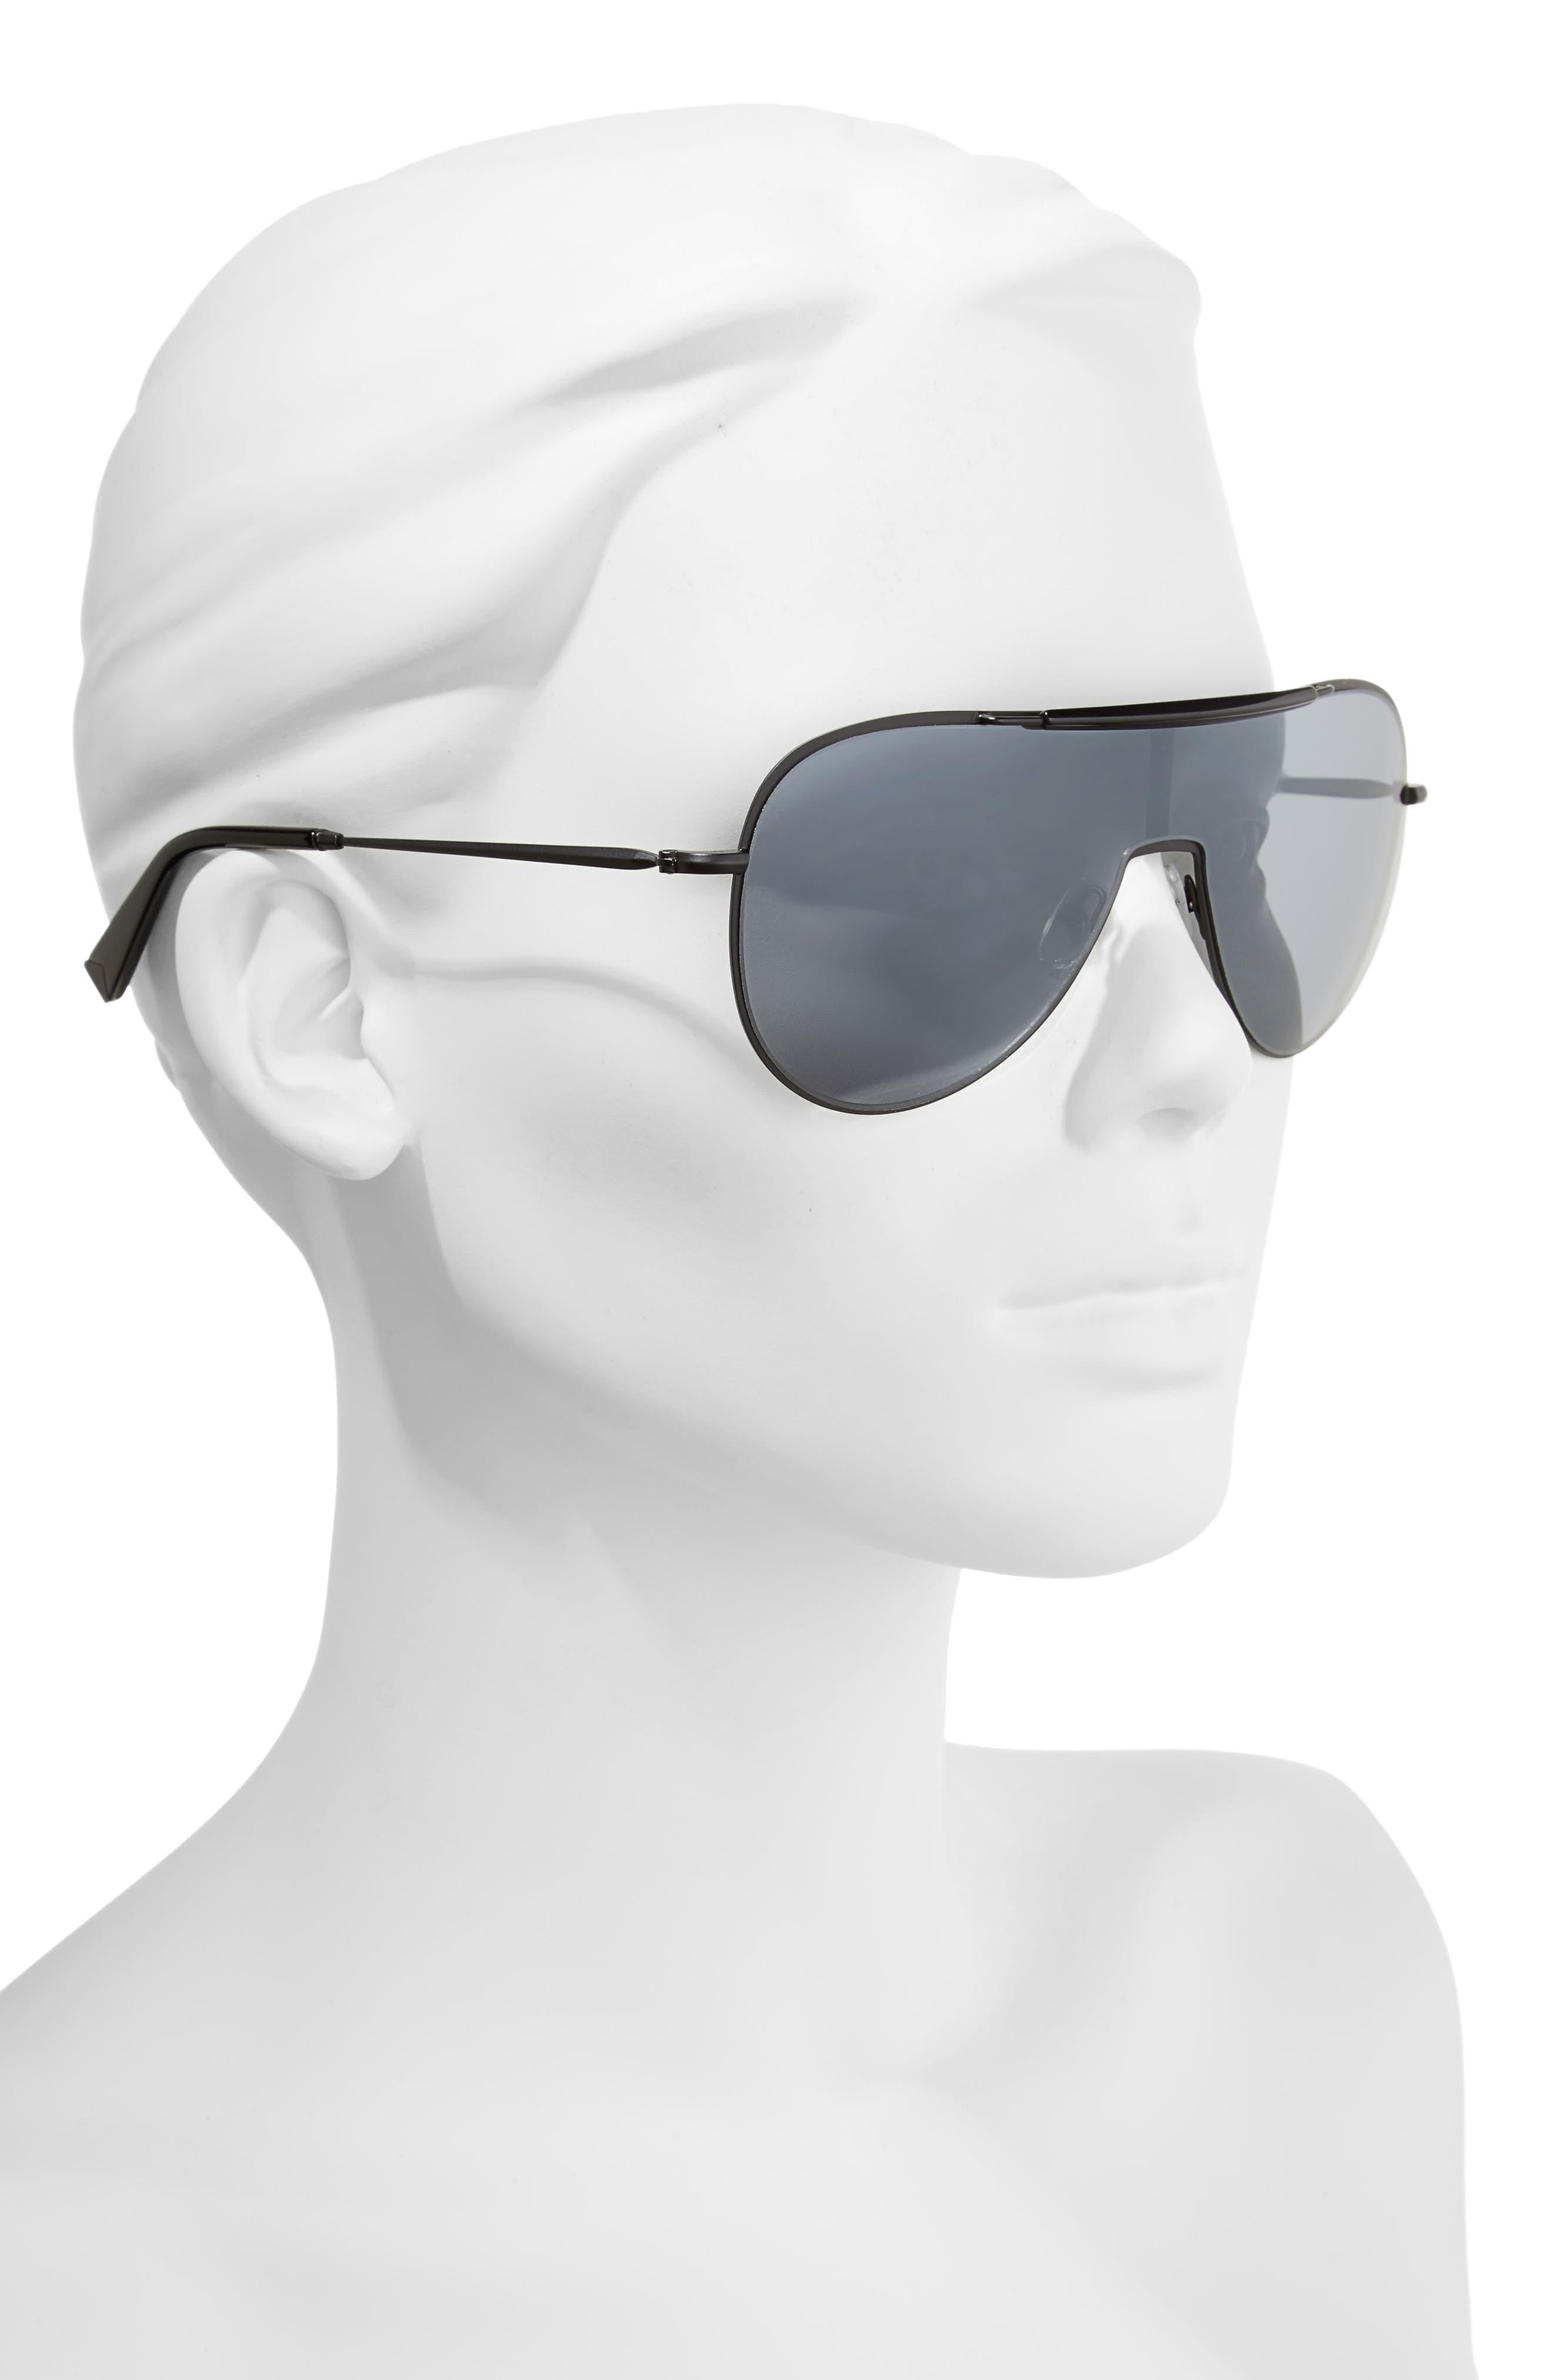 Shield Aviator Sunglasses,                             Alternate thumbnail 2, color,                             Black/ Black